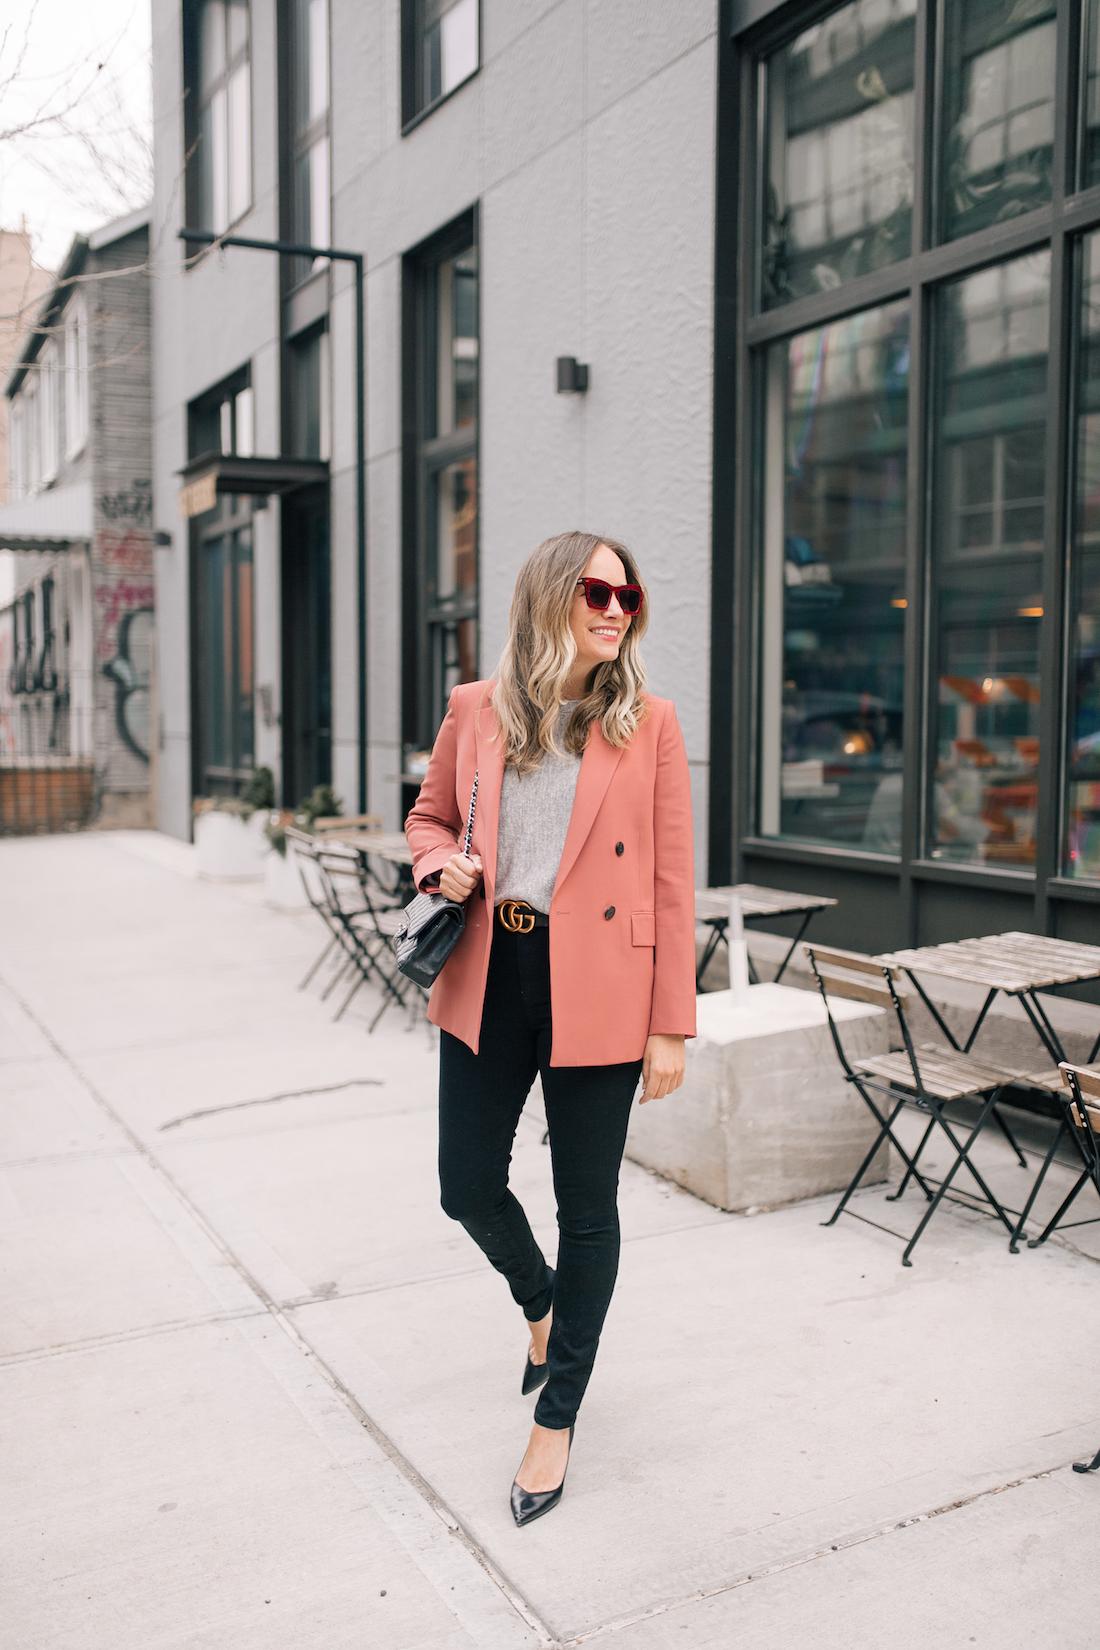 Outfit Details: Theory Blazer // Eileen Fisher Sweater // Good American Jeans // Gucci Belt // Sarah Flint Heels // Karen Walker Sunglasses // Chanel Purse